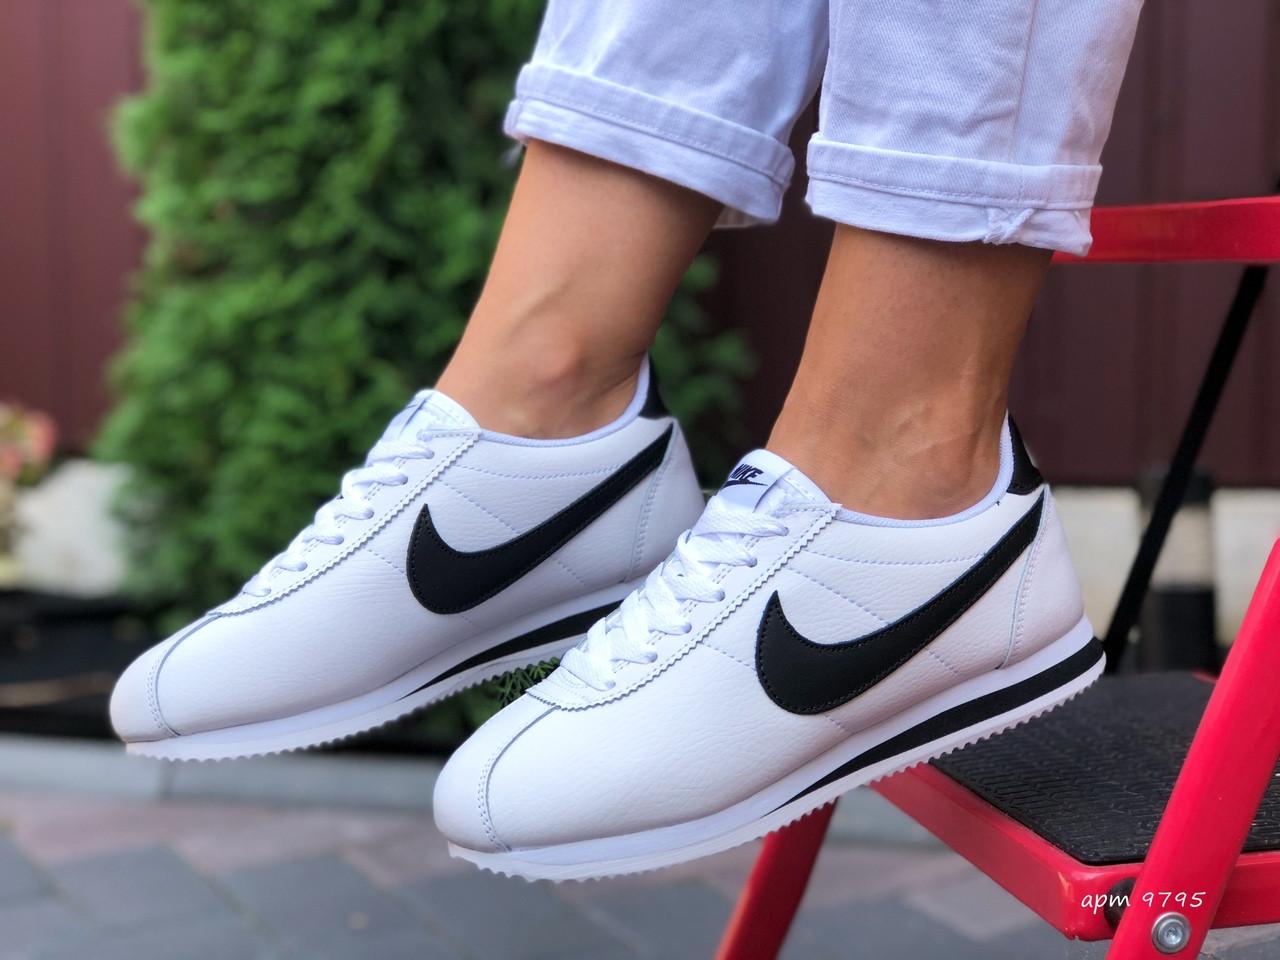 Жіночі кросівки Nike Cortez (біло-чорні) 9795